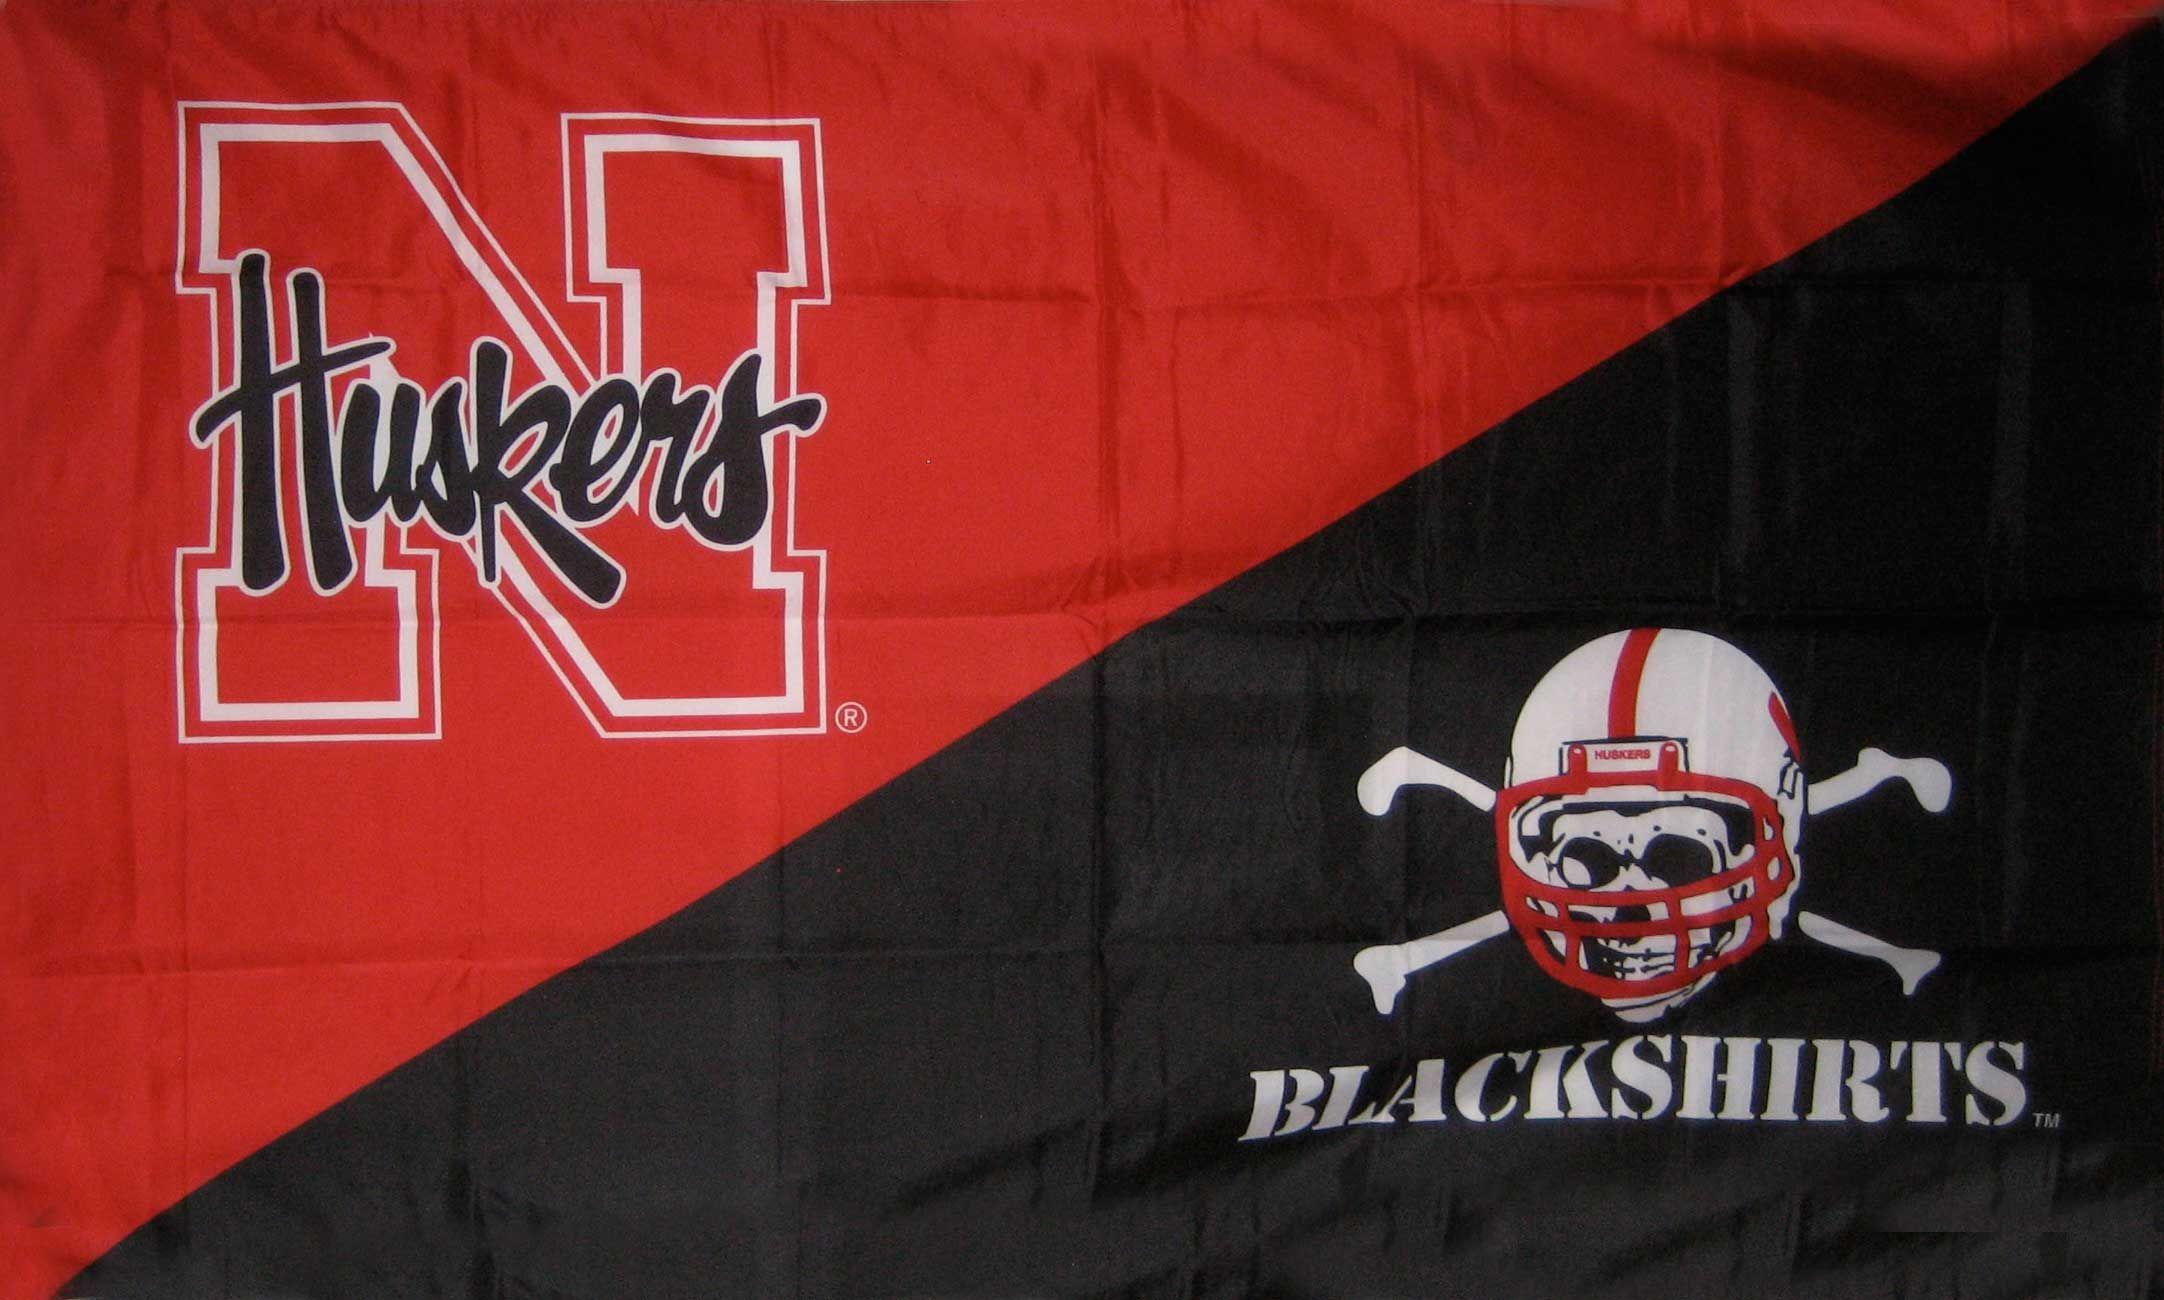 Pin By Shelley Schwarz On Nebraska Schwarztrikot Nebraska Blackshirts House Divided